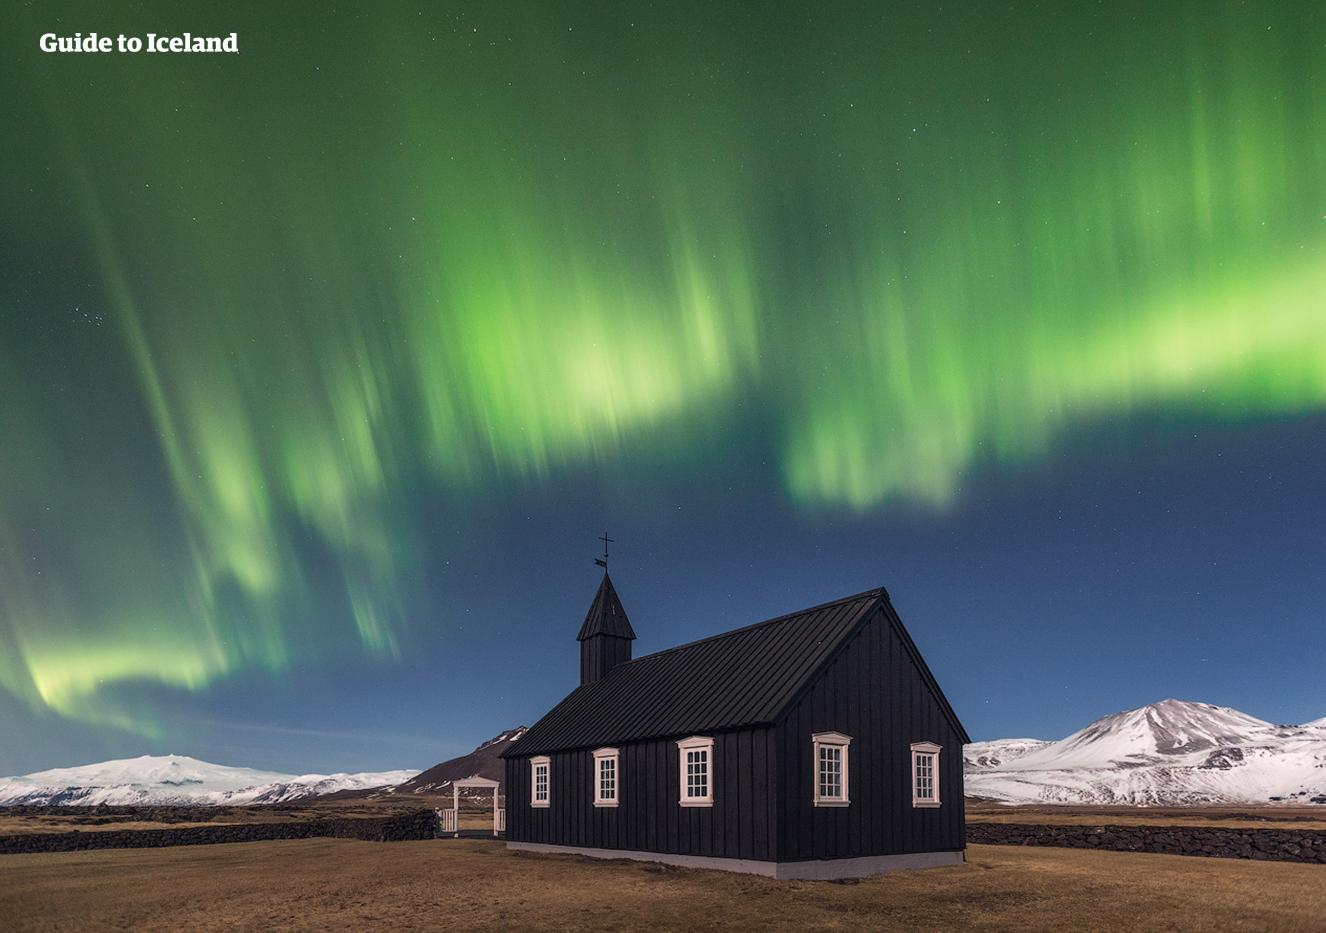 De lucht boven de zwarte kerk in Búðir op het schiereiland Snæfellsnes, in de groene gloed van het noorderlicht